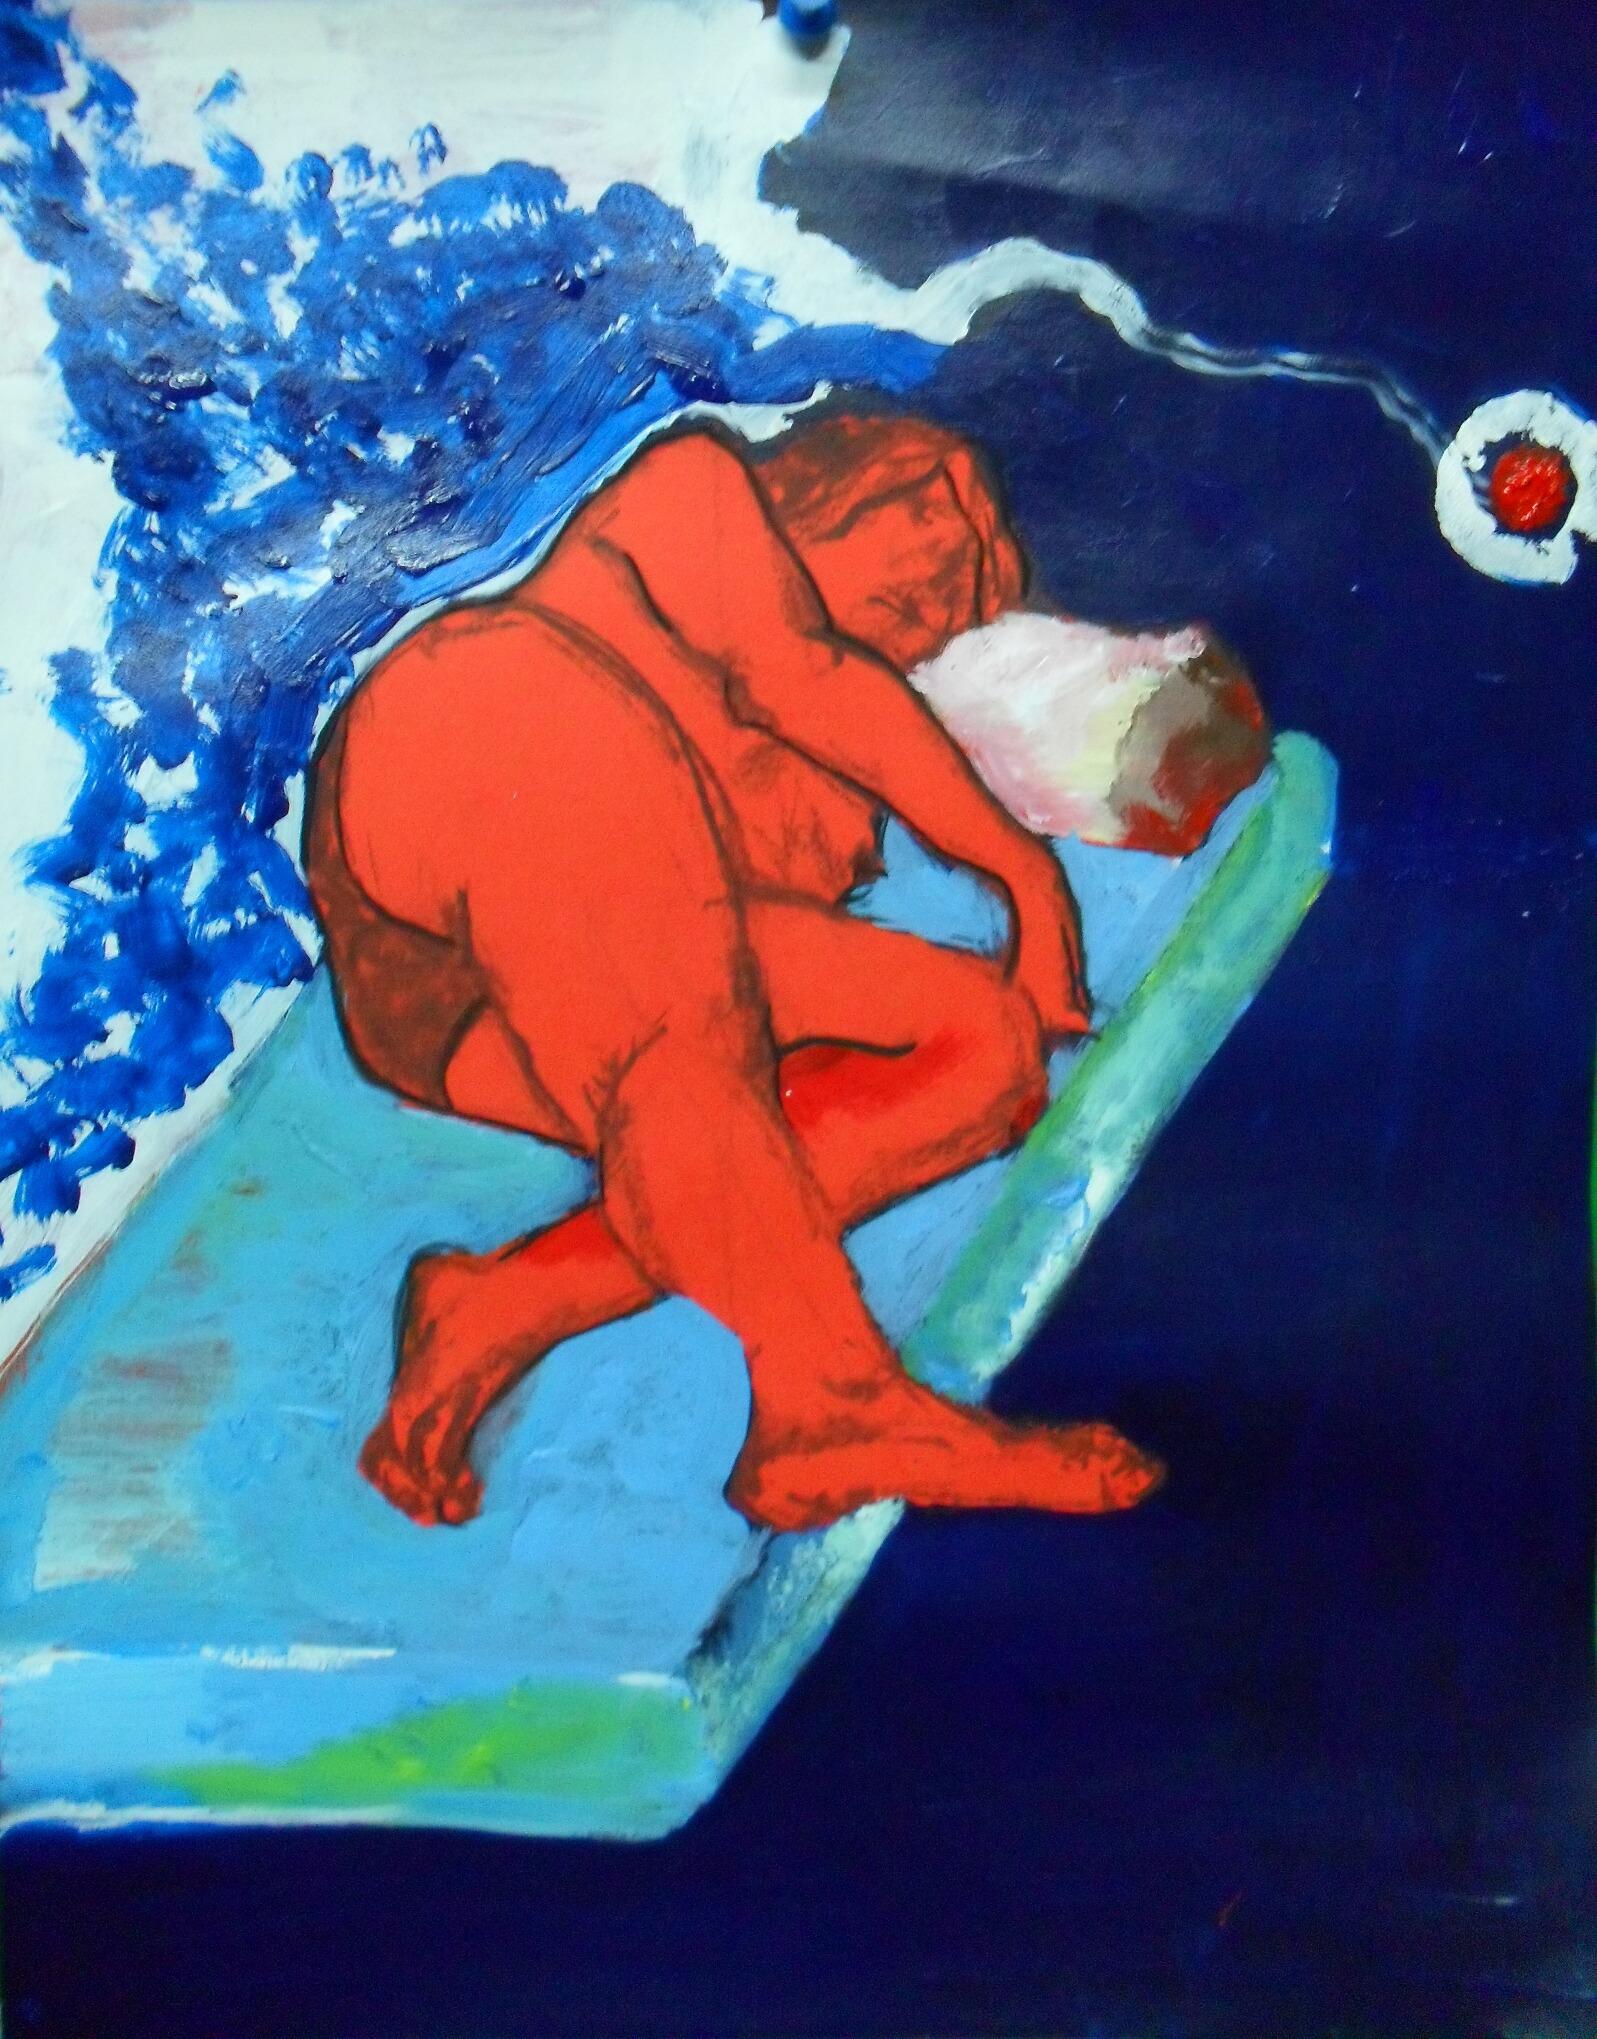 Soñar - Cuadro en venta Artista Maite Arriaga